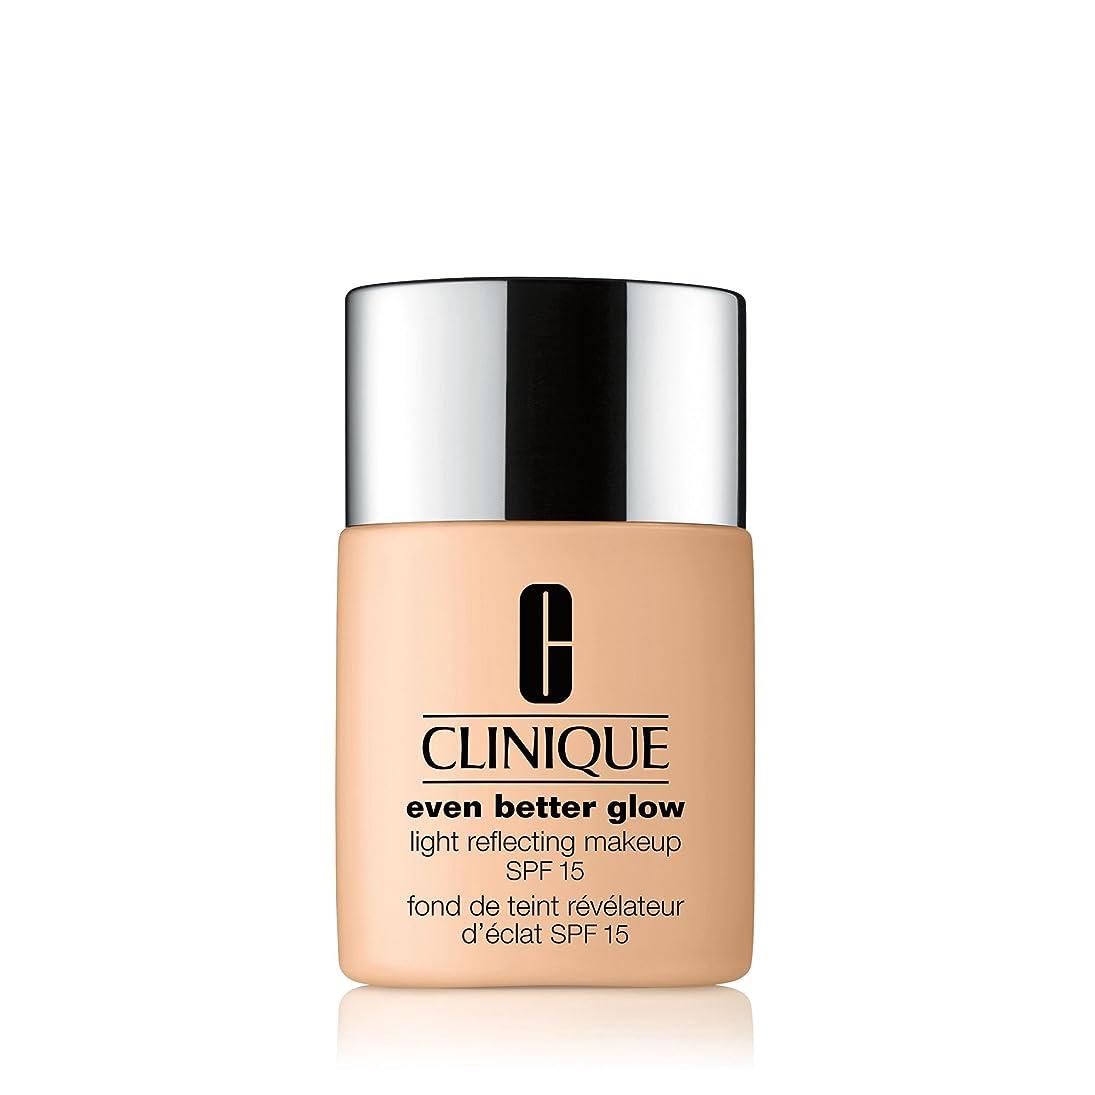 ビタミンネックレスがんばり続けるクリニーク Even Better Glow Light Reflecting Makeup SPF 15 - # CN 20 Fair 30ml/1oz並行輸入品